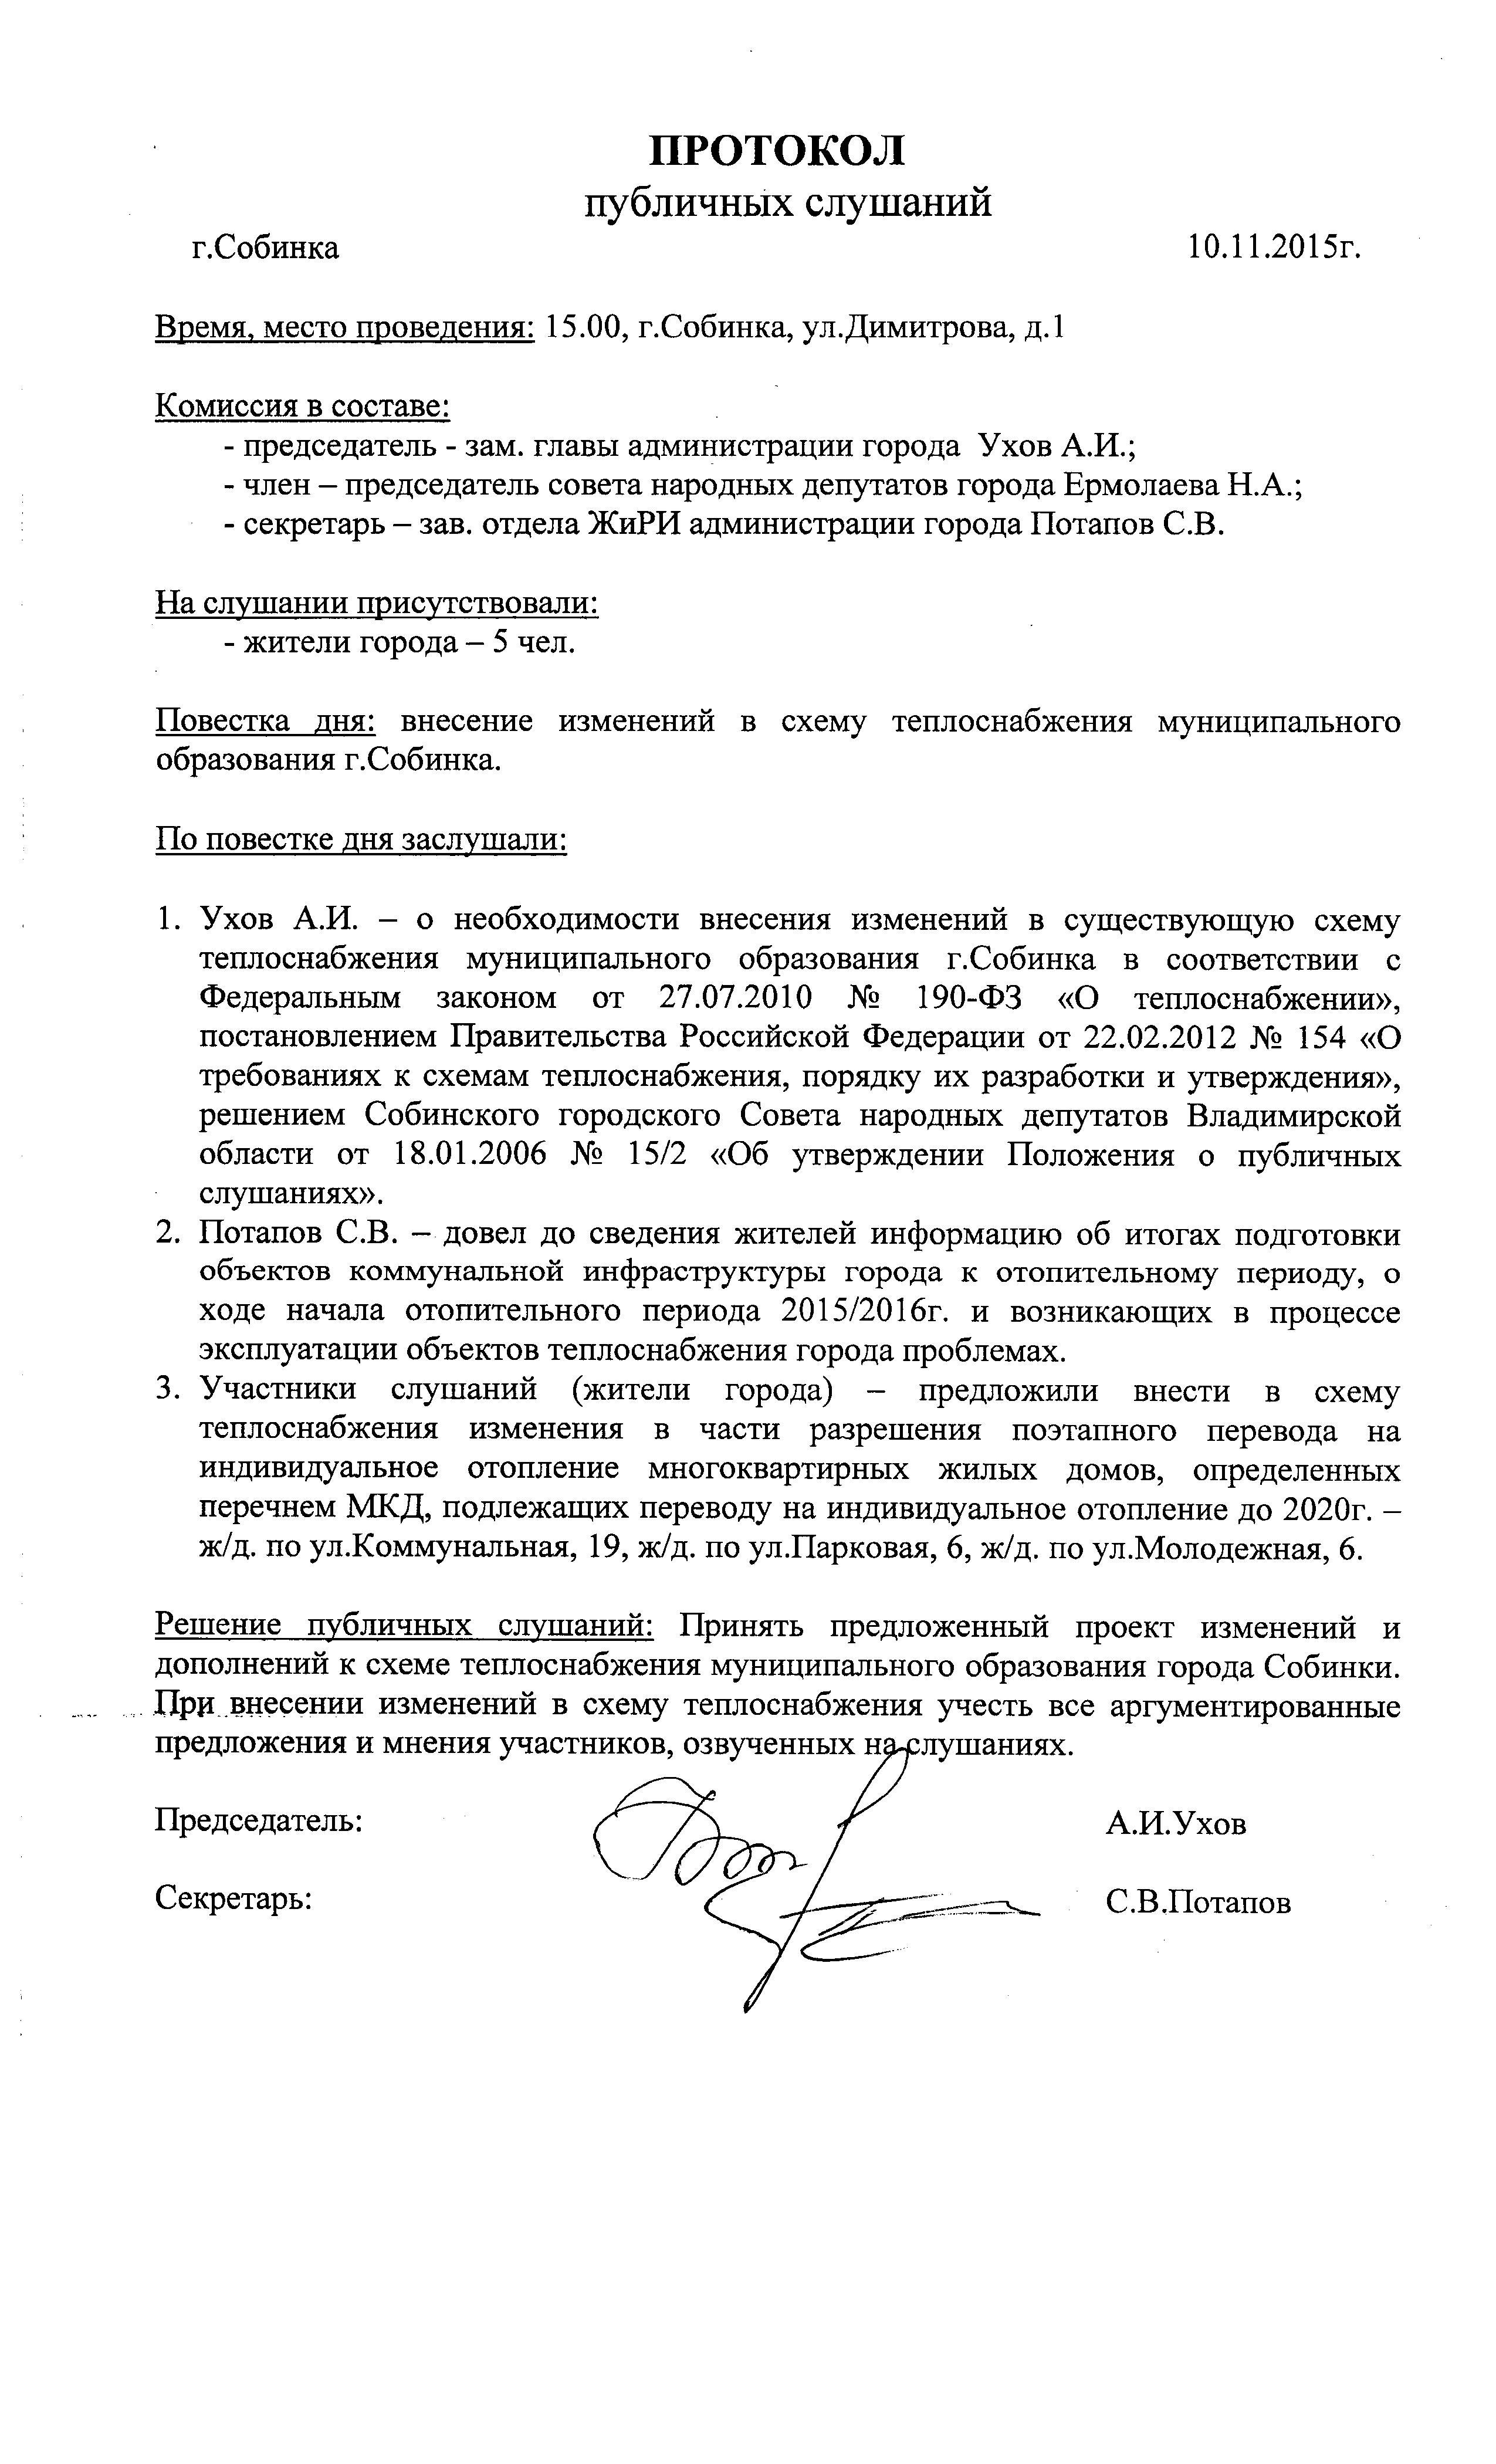 Поздравление медведева юмор